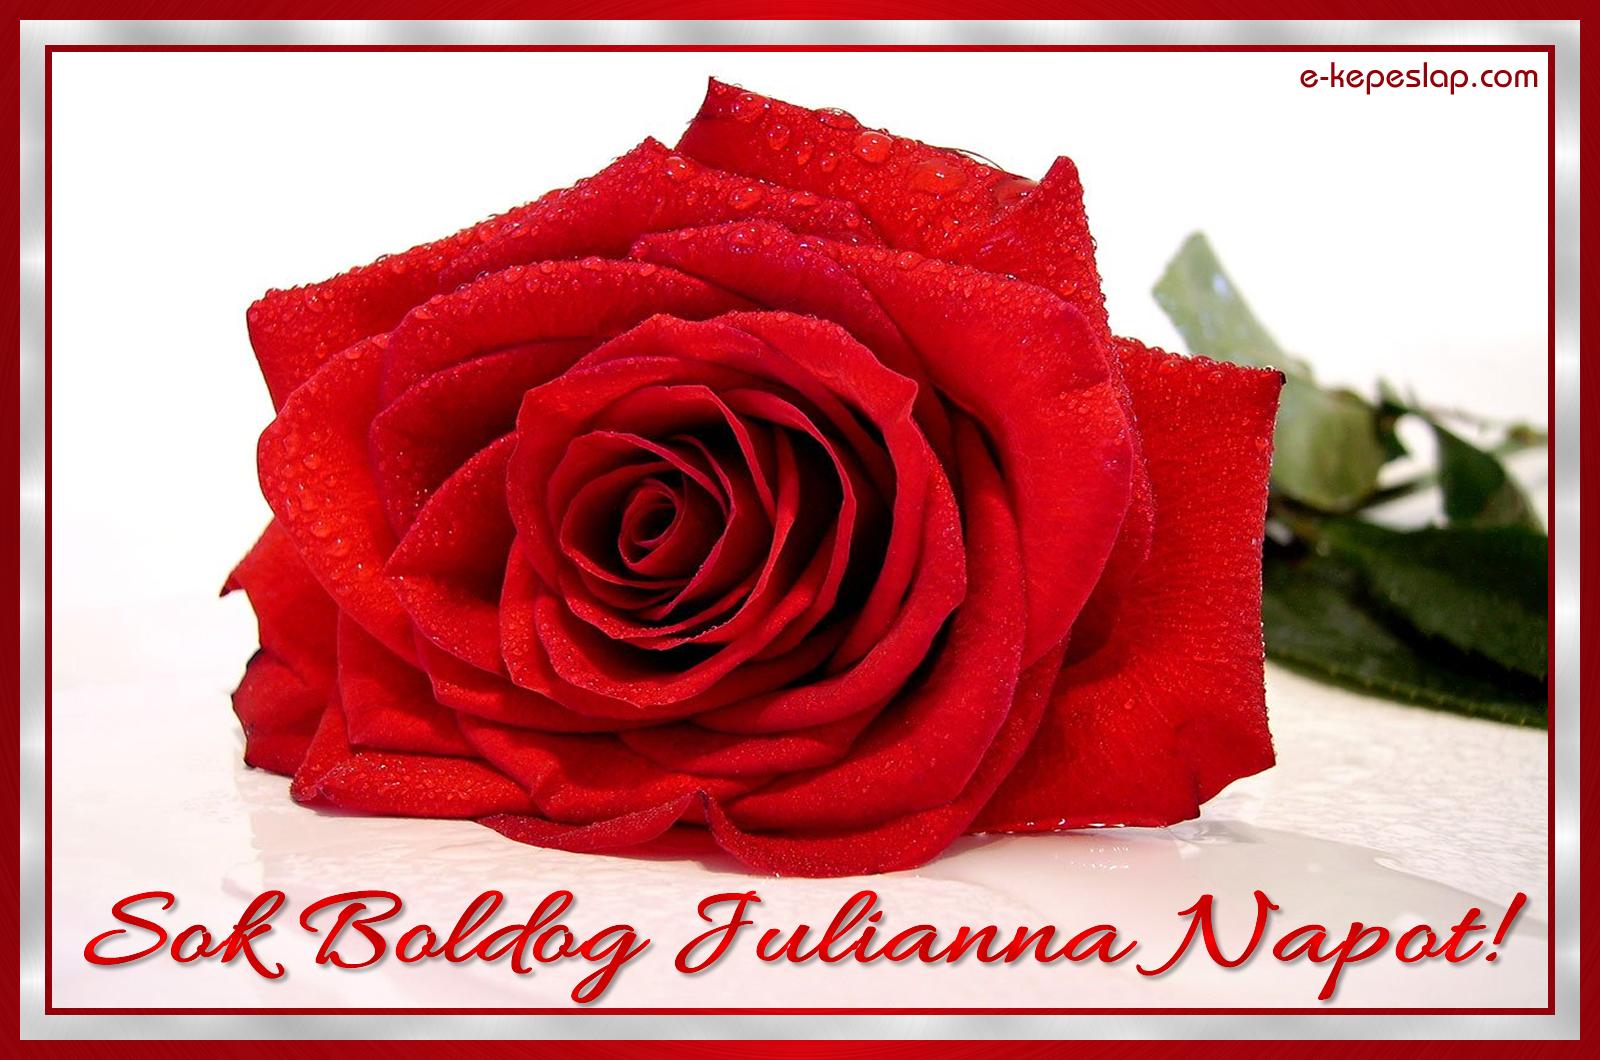 julianna névnapi képek Julianna névnapi képeslap   Képeslapküldés   e kepeslap.com julianna névnapi képek